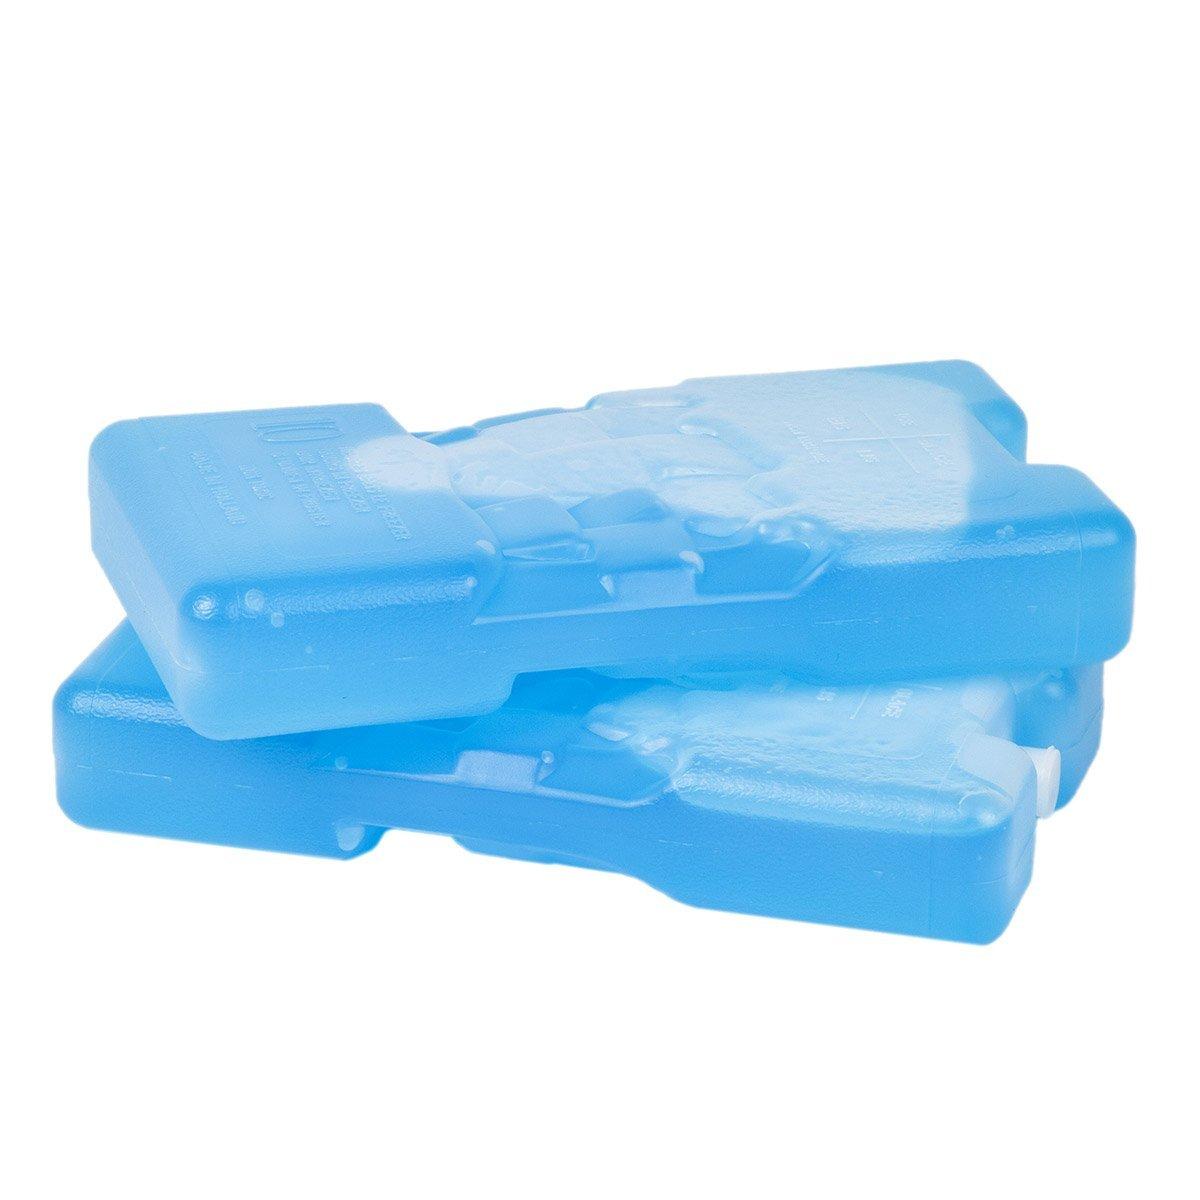 CURVER Chladící vložky do chladničky 2ks Curver 00112-657